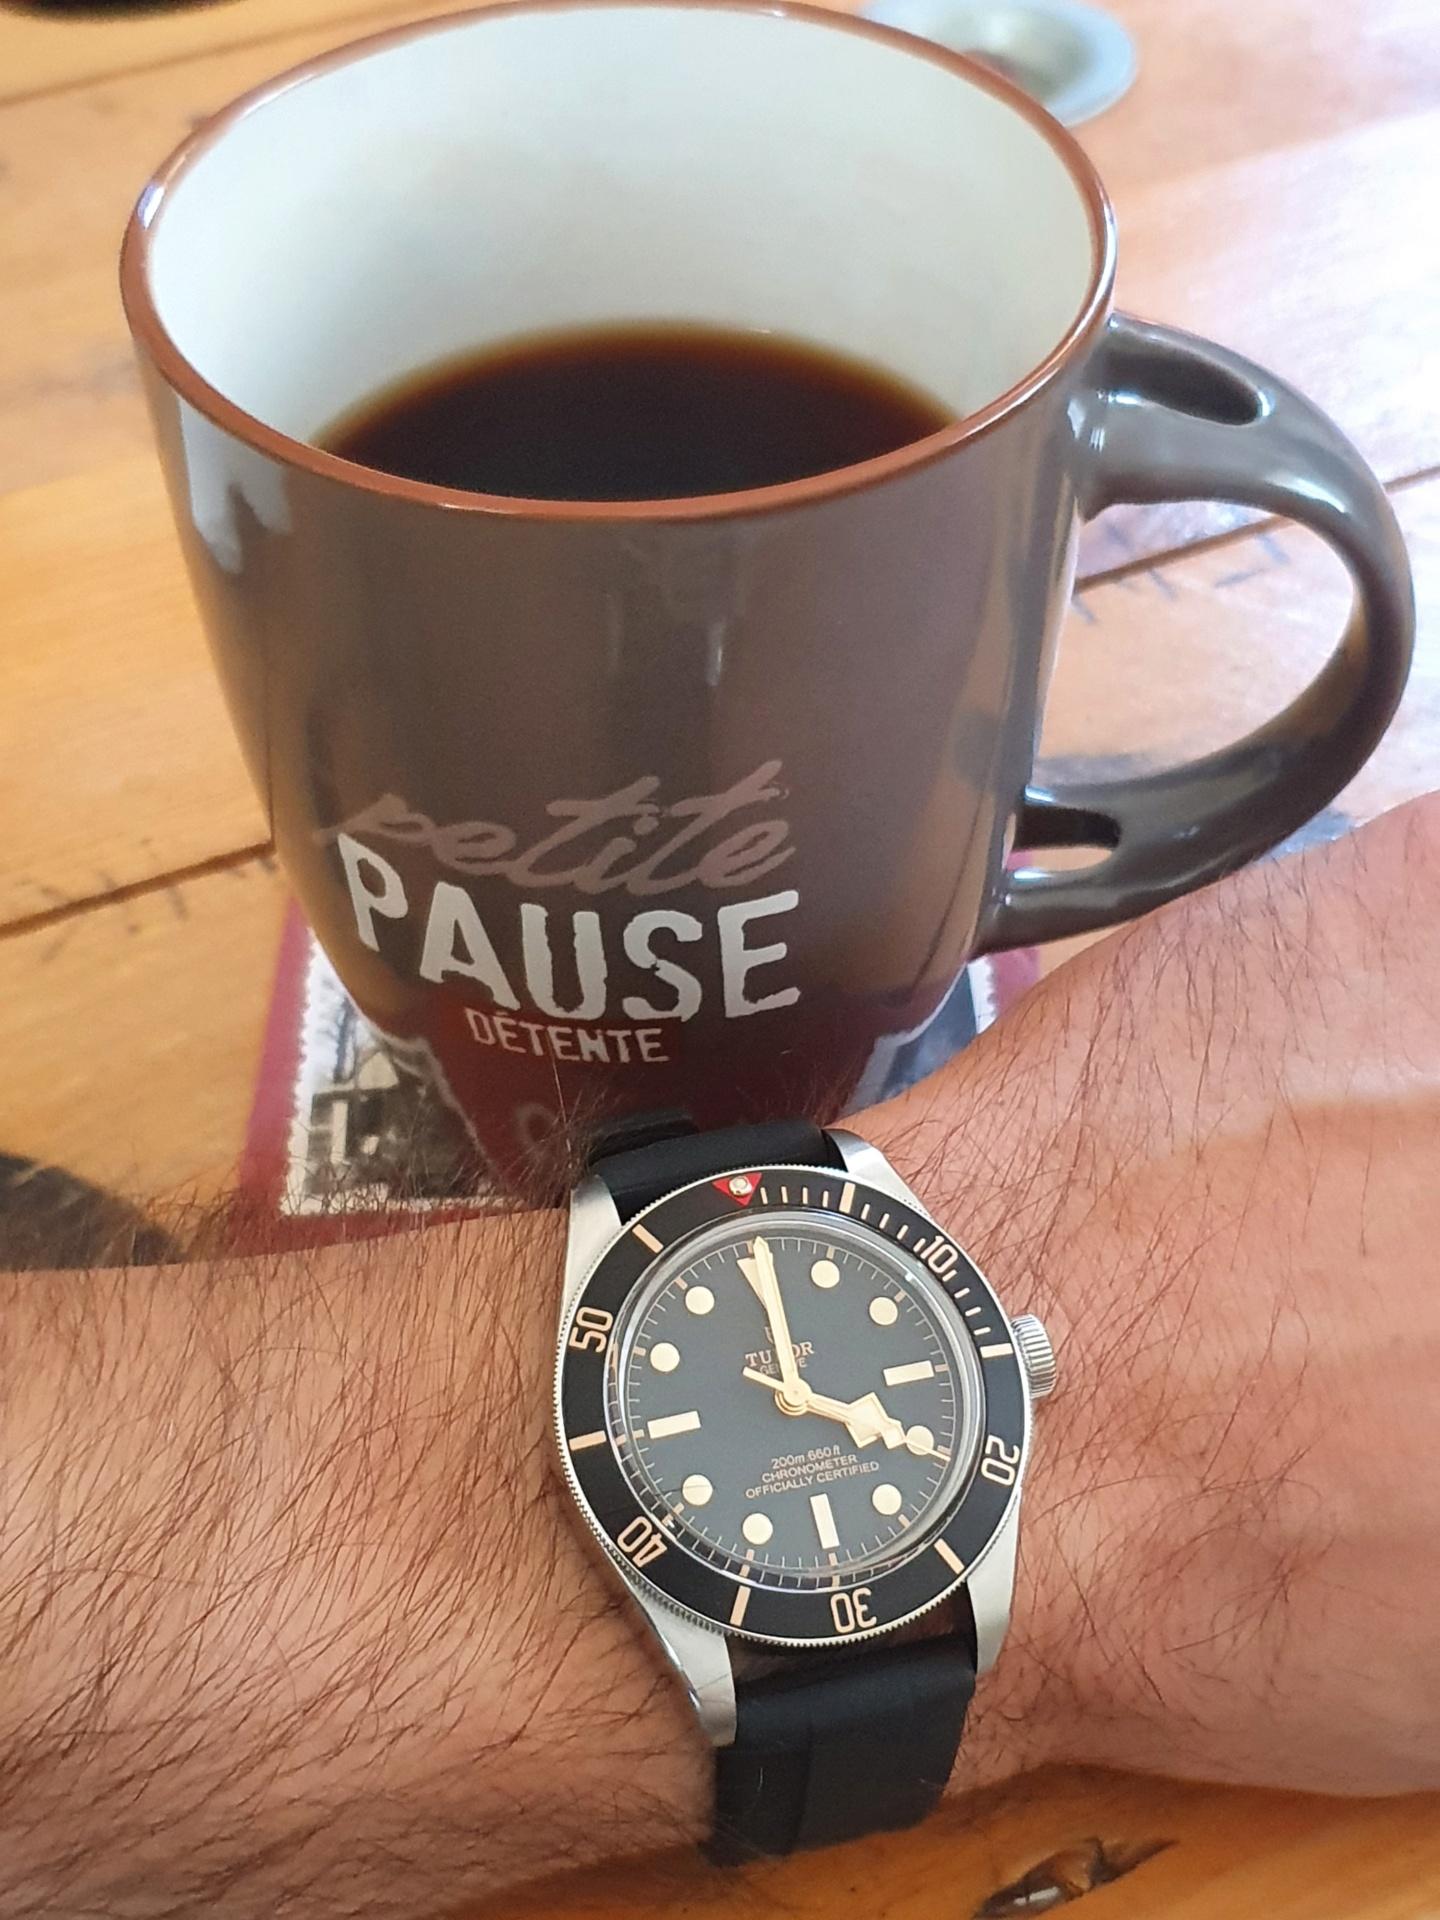 Pause café et montre (toutes marques) - tome III - Page 30 20200817